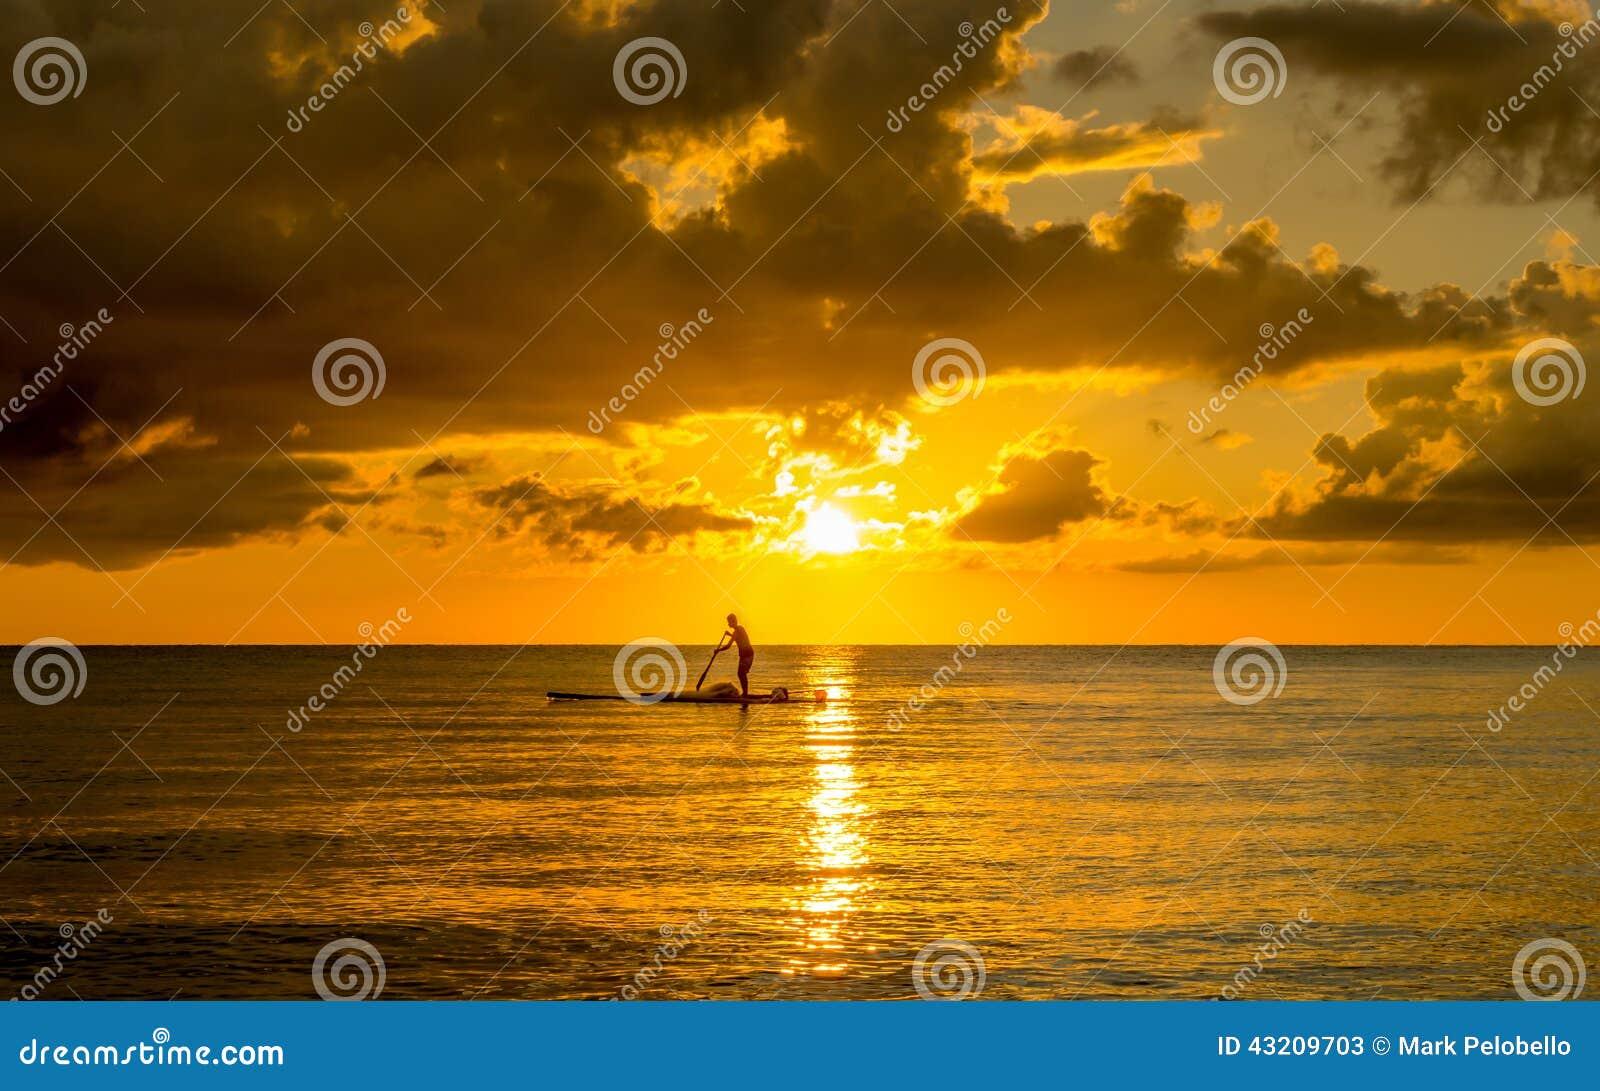 Download Fiskare Silhouette Fishing På Solnedgången Fotografering för Bildbyråer - Bild av folk, destination: 43209703